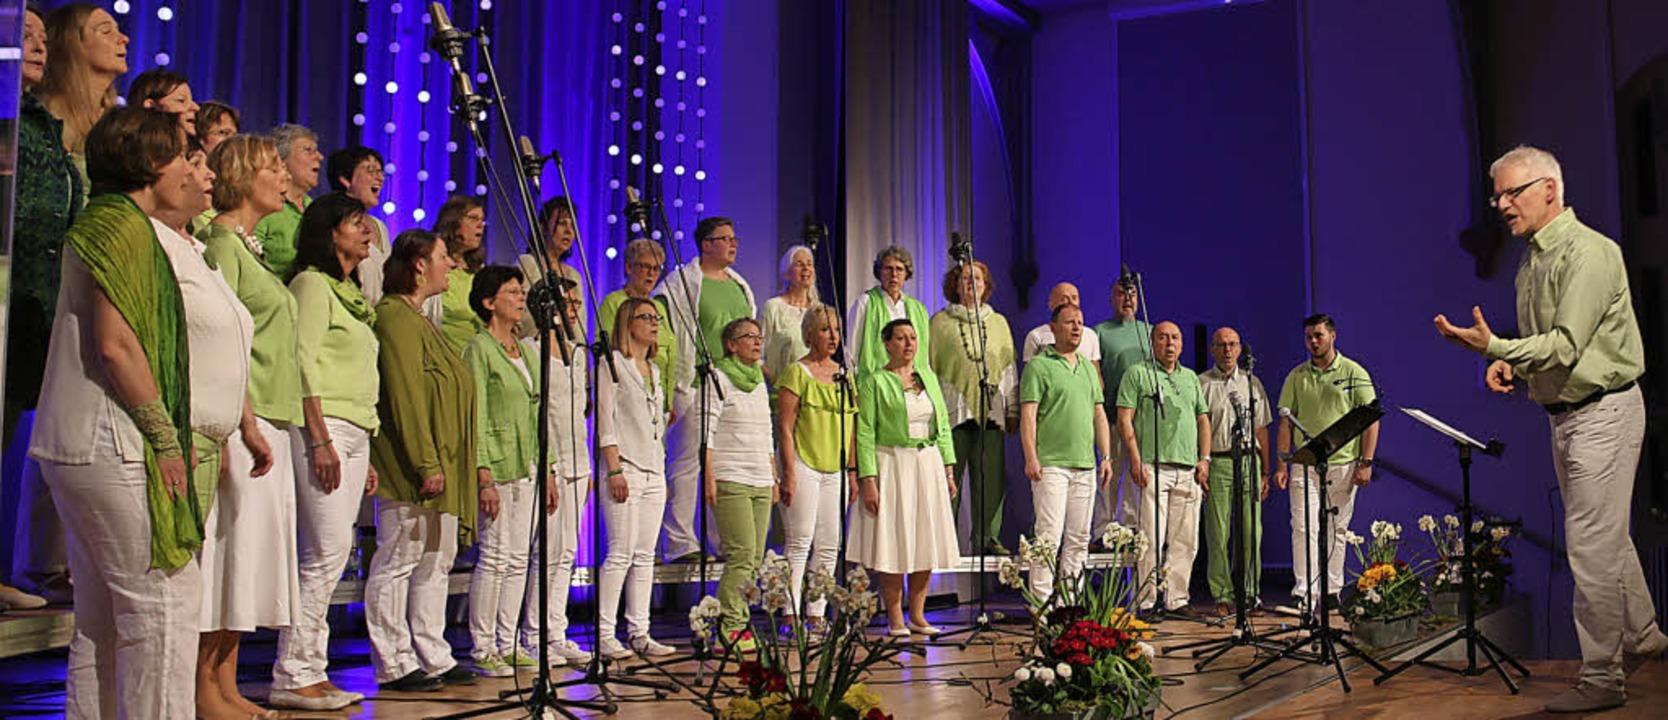 Dirigent Stefan Rheidt (rechts) und sein Chor Pop Vox in der Steinhalle.  | Foto: Dagmar Barber